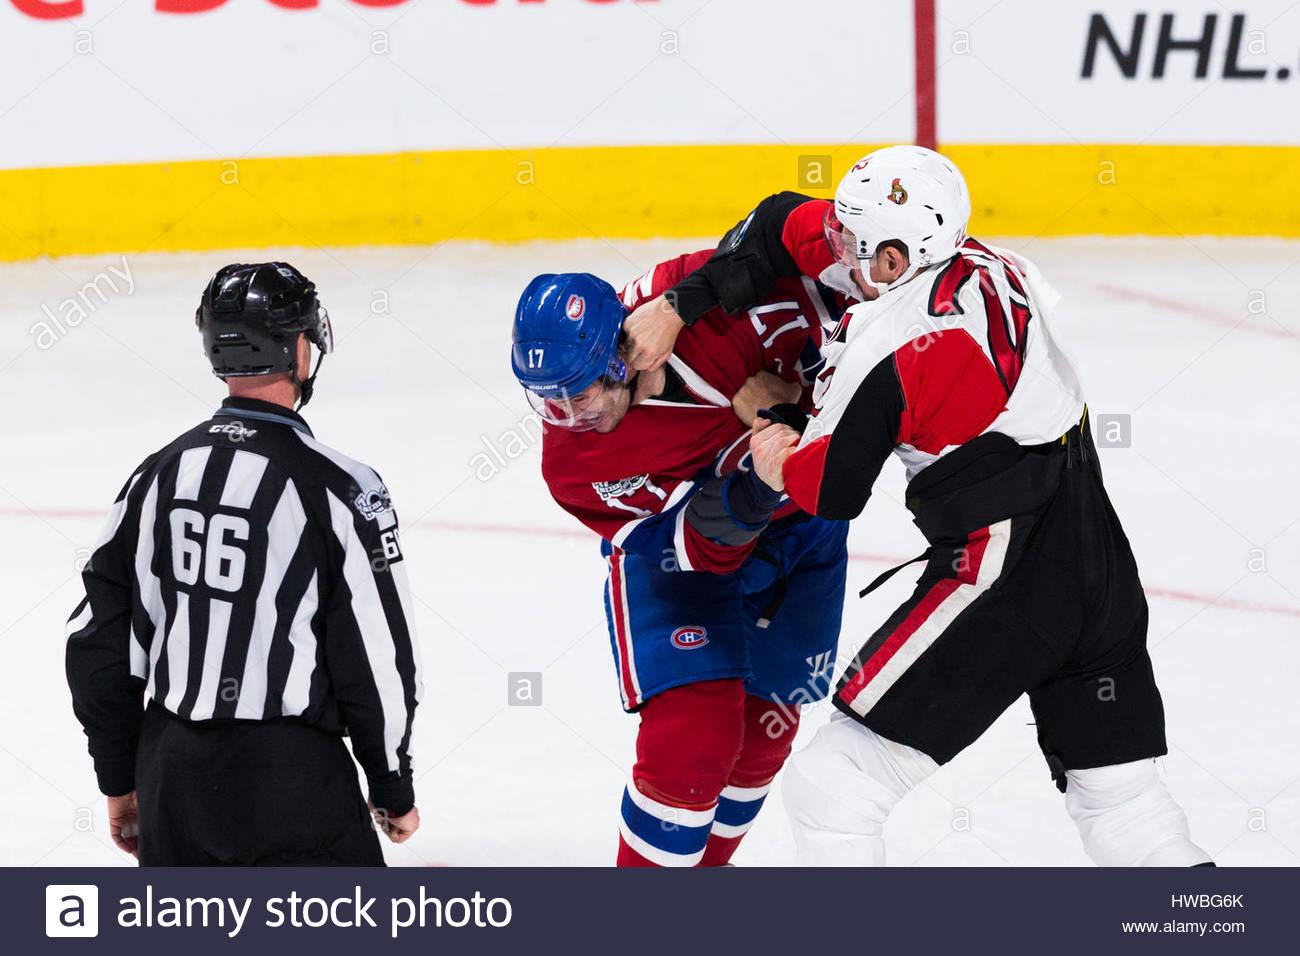 Montréal, Québec, Canada. Mar 19, 2017. Sénateurs d'Ottawa Chris Kelly (22) et les Canadiens Photo Stock